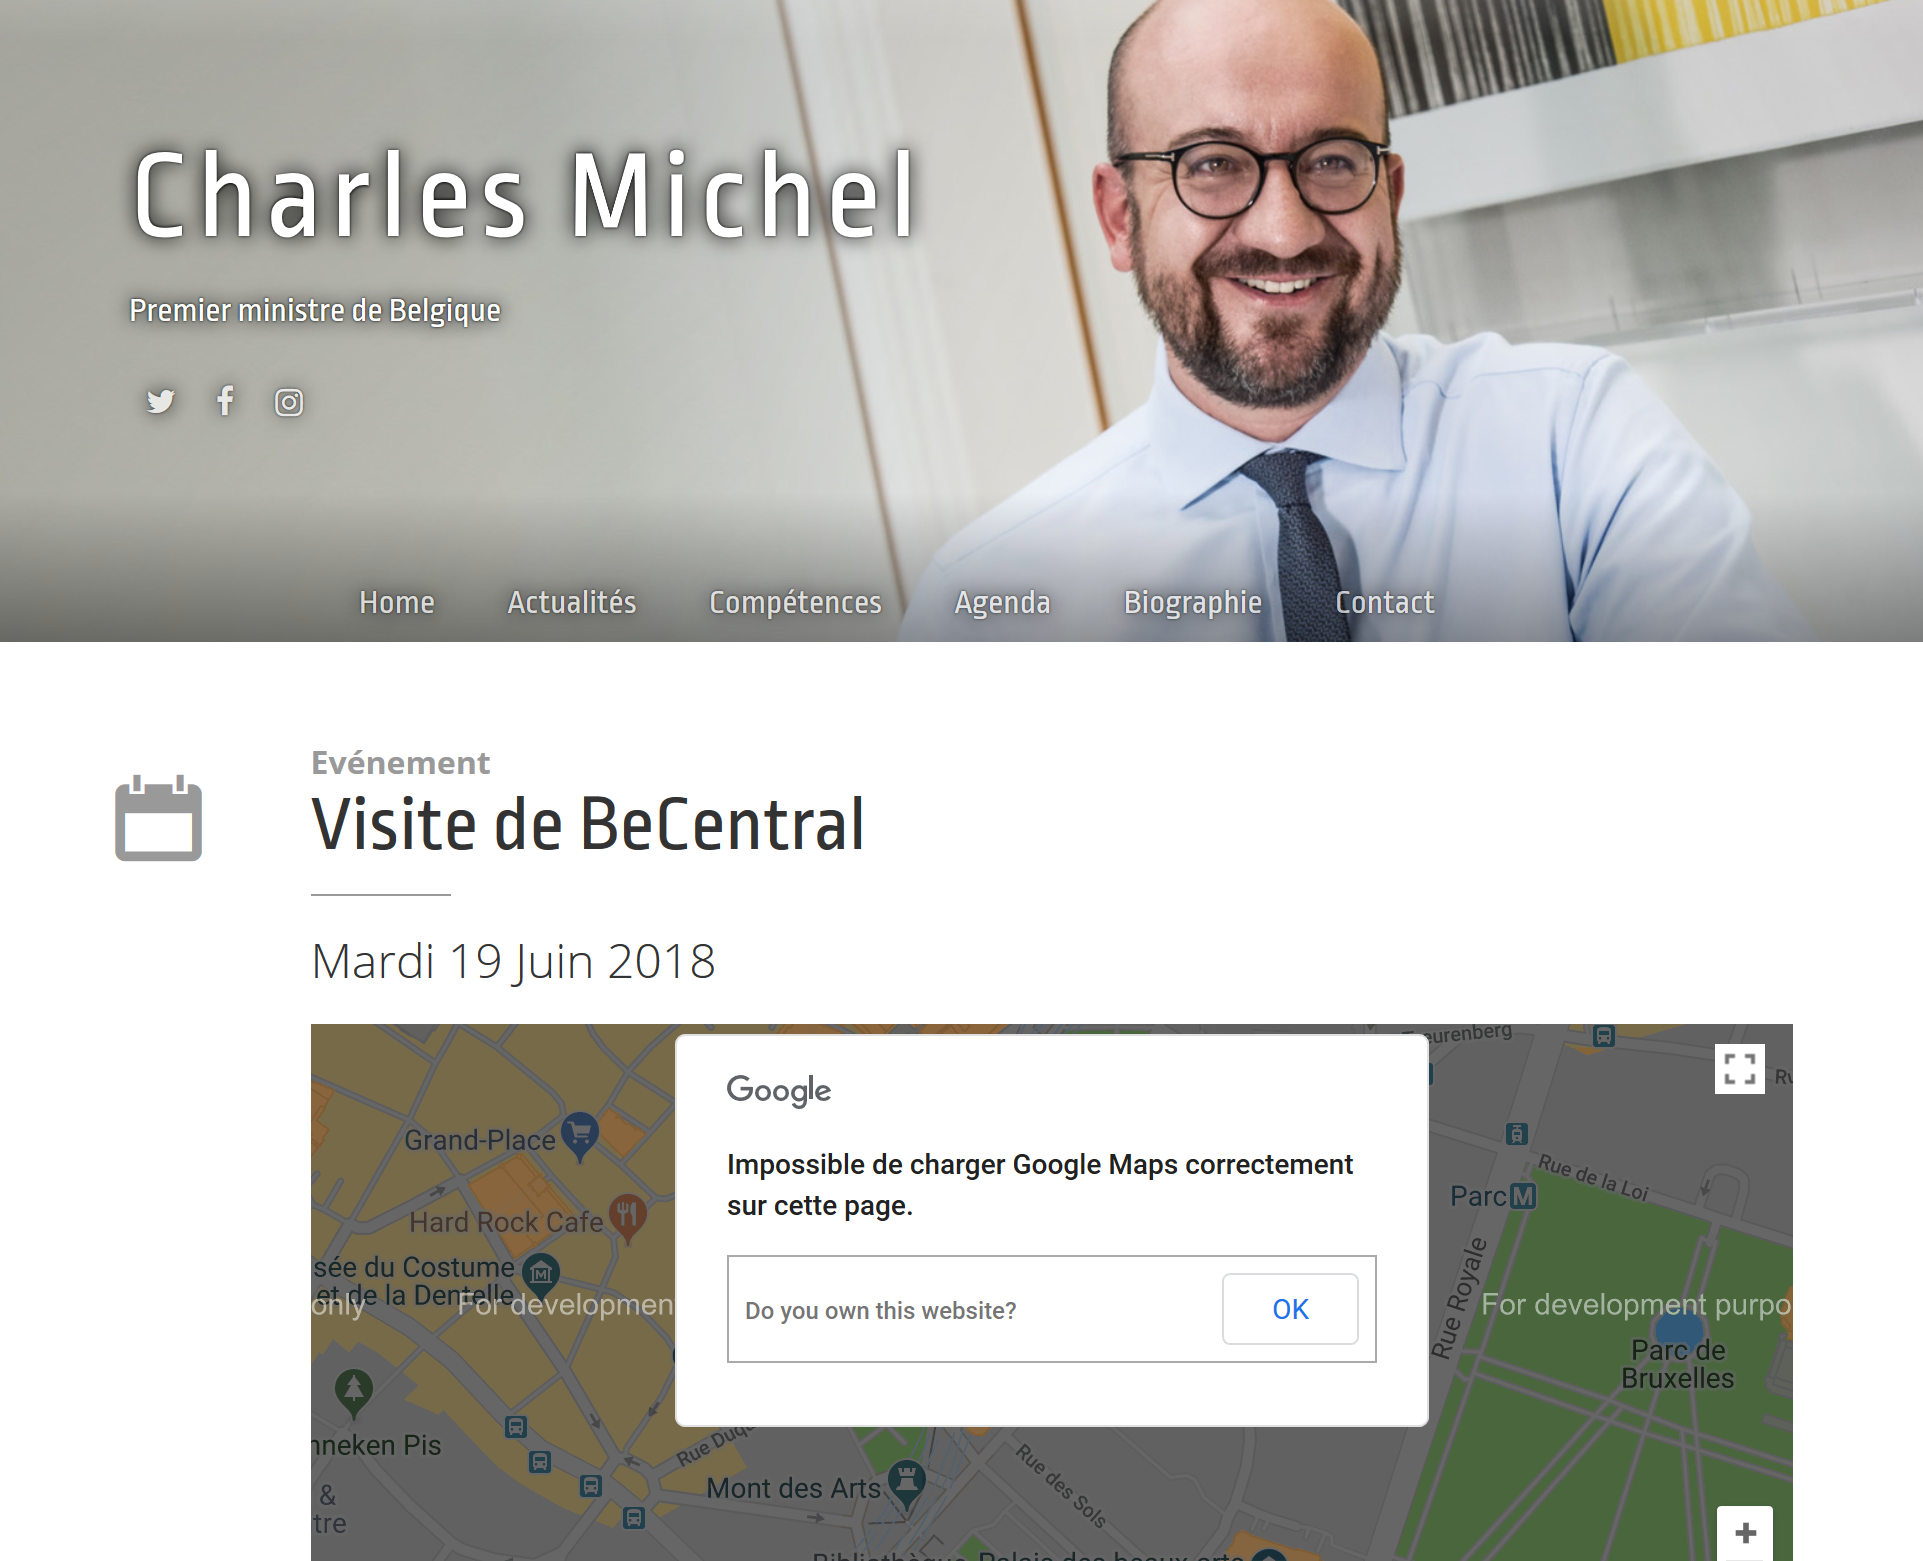 Impact sur le site du Premier Ministre